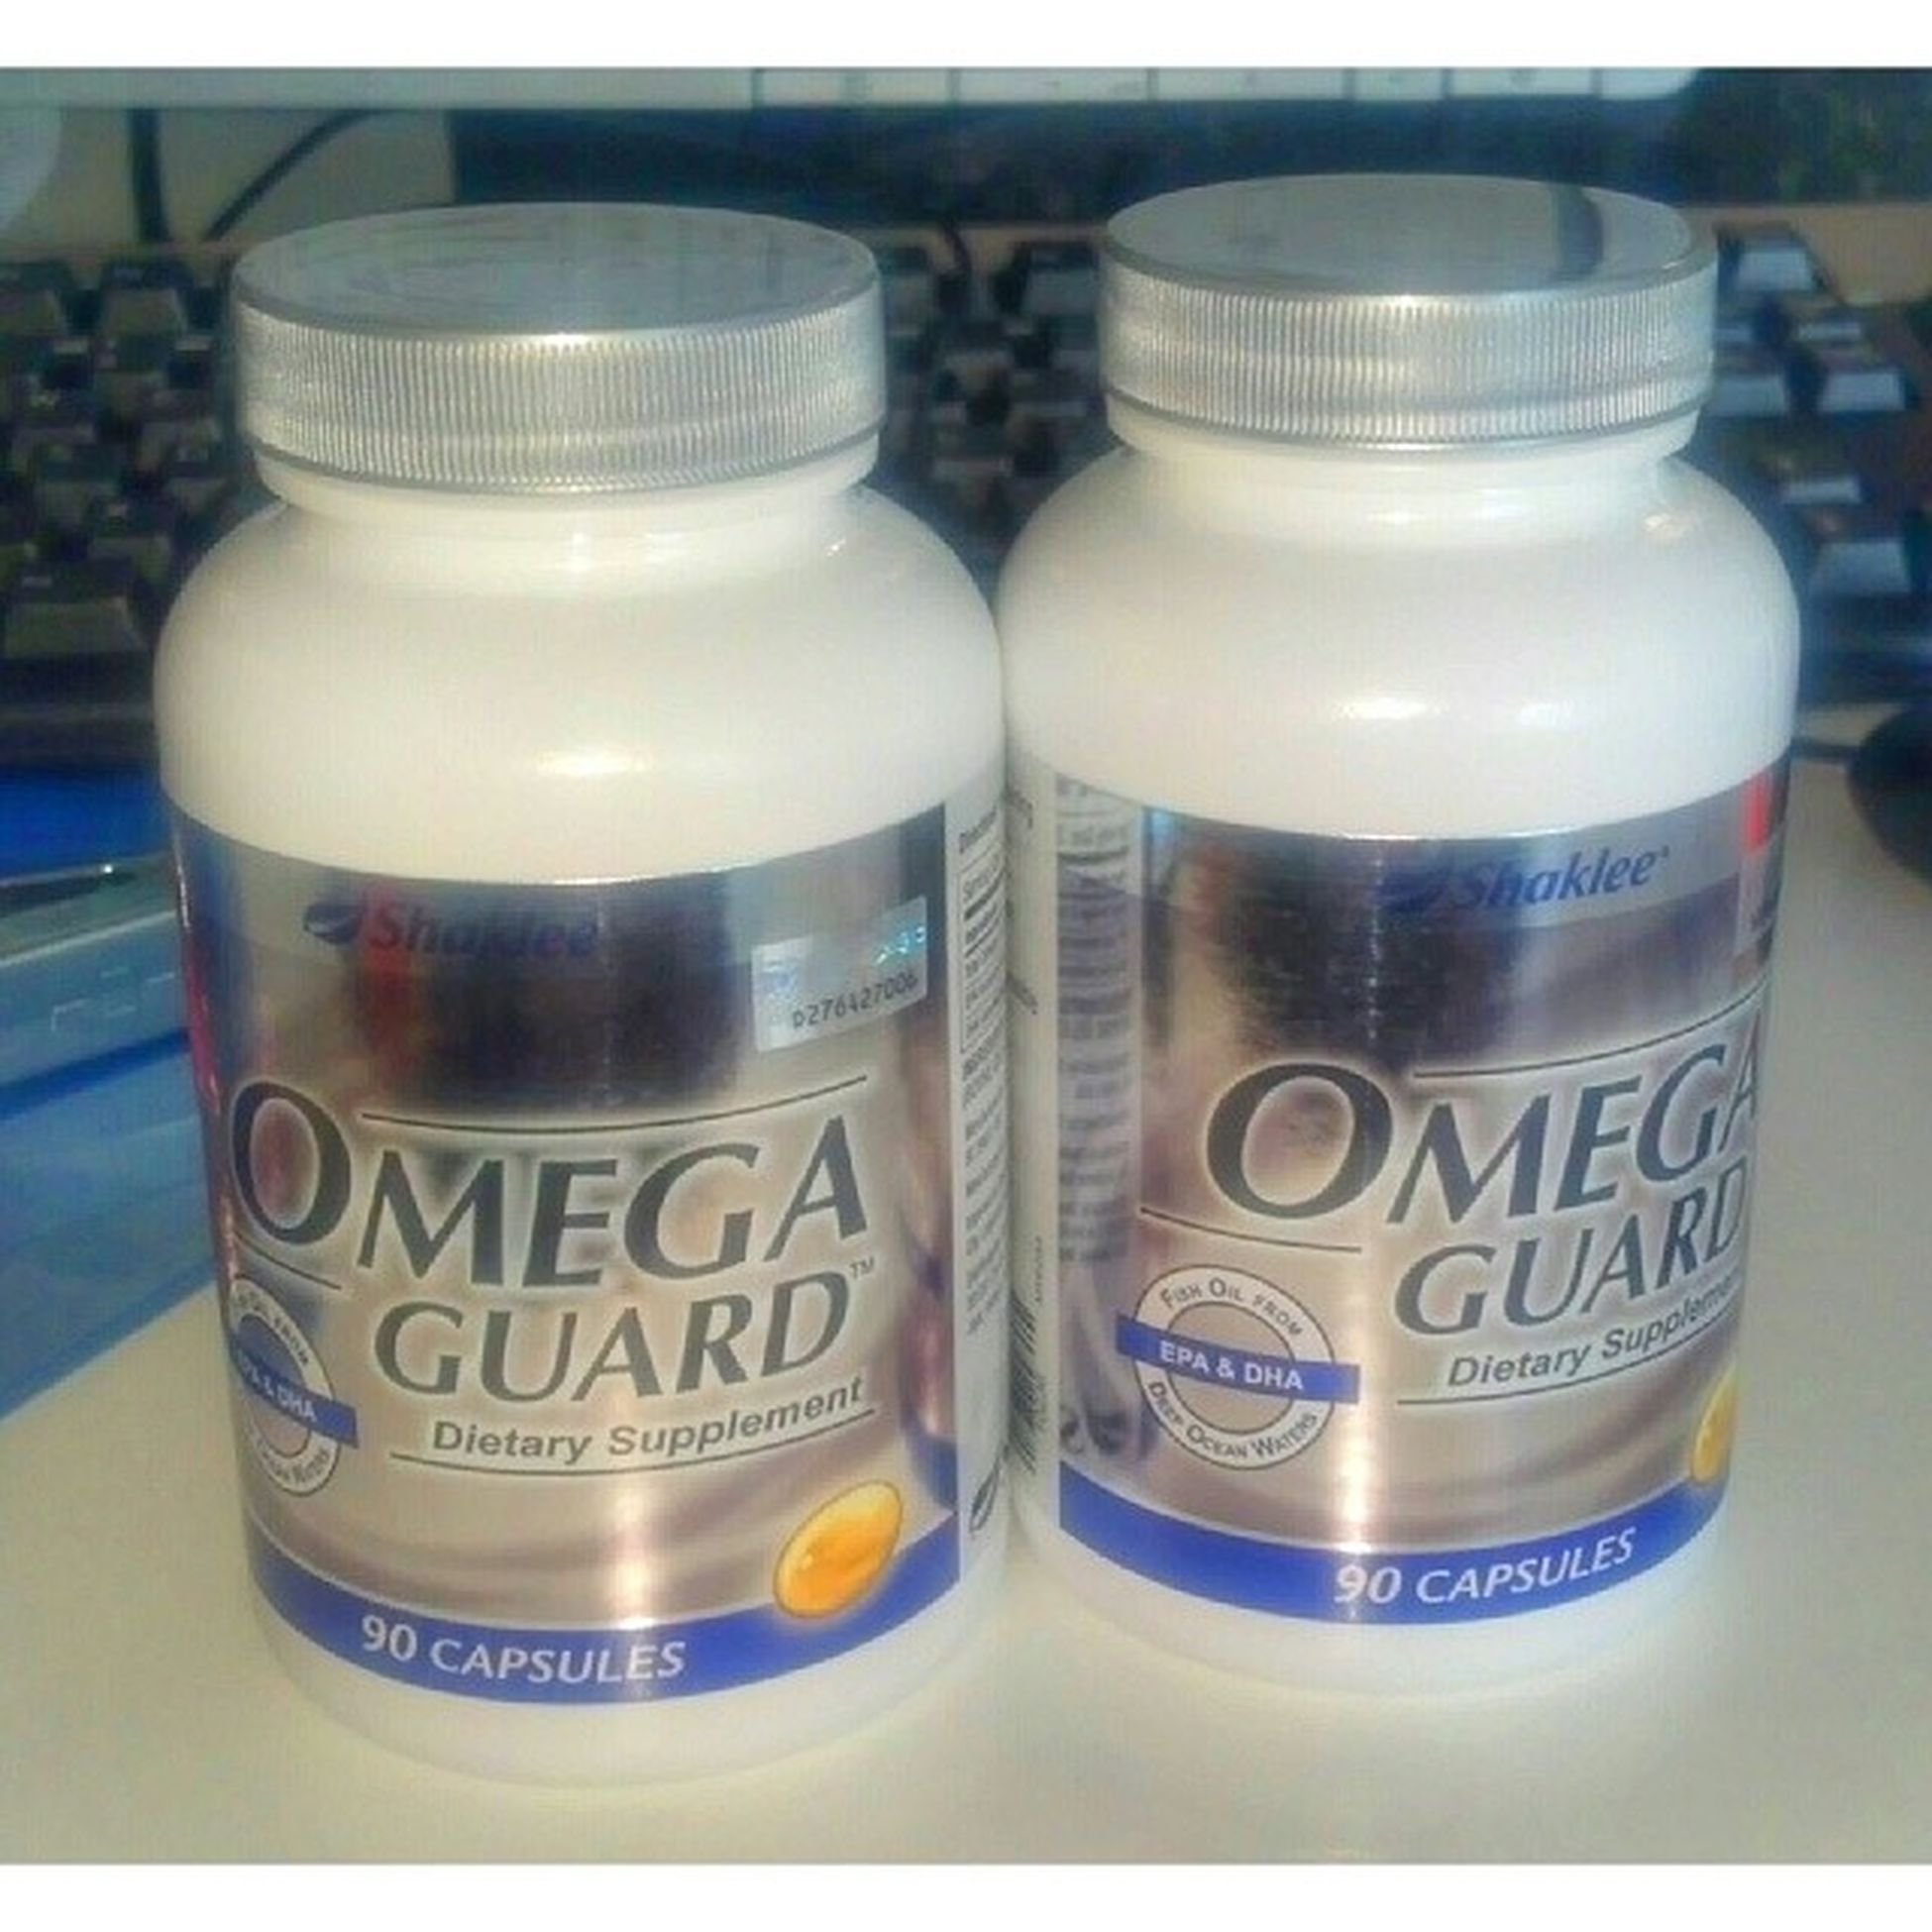 OmegaGuard Shaklee utk kesihatan saya dan encik suami. Hehe